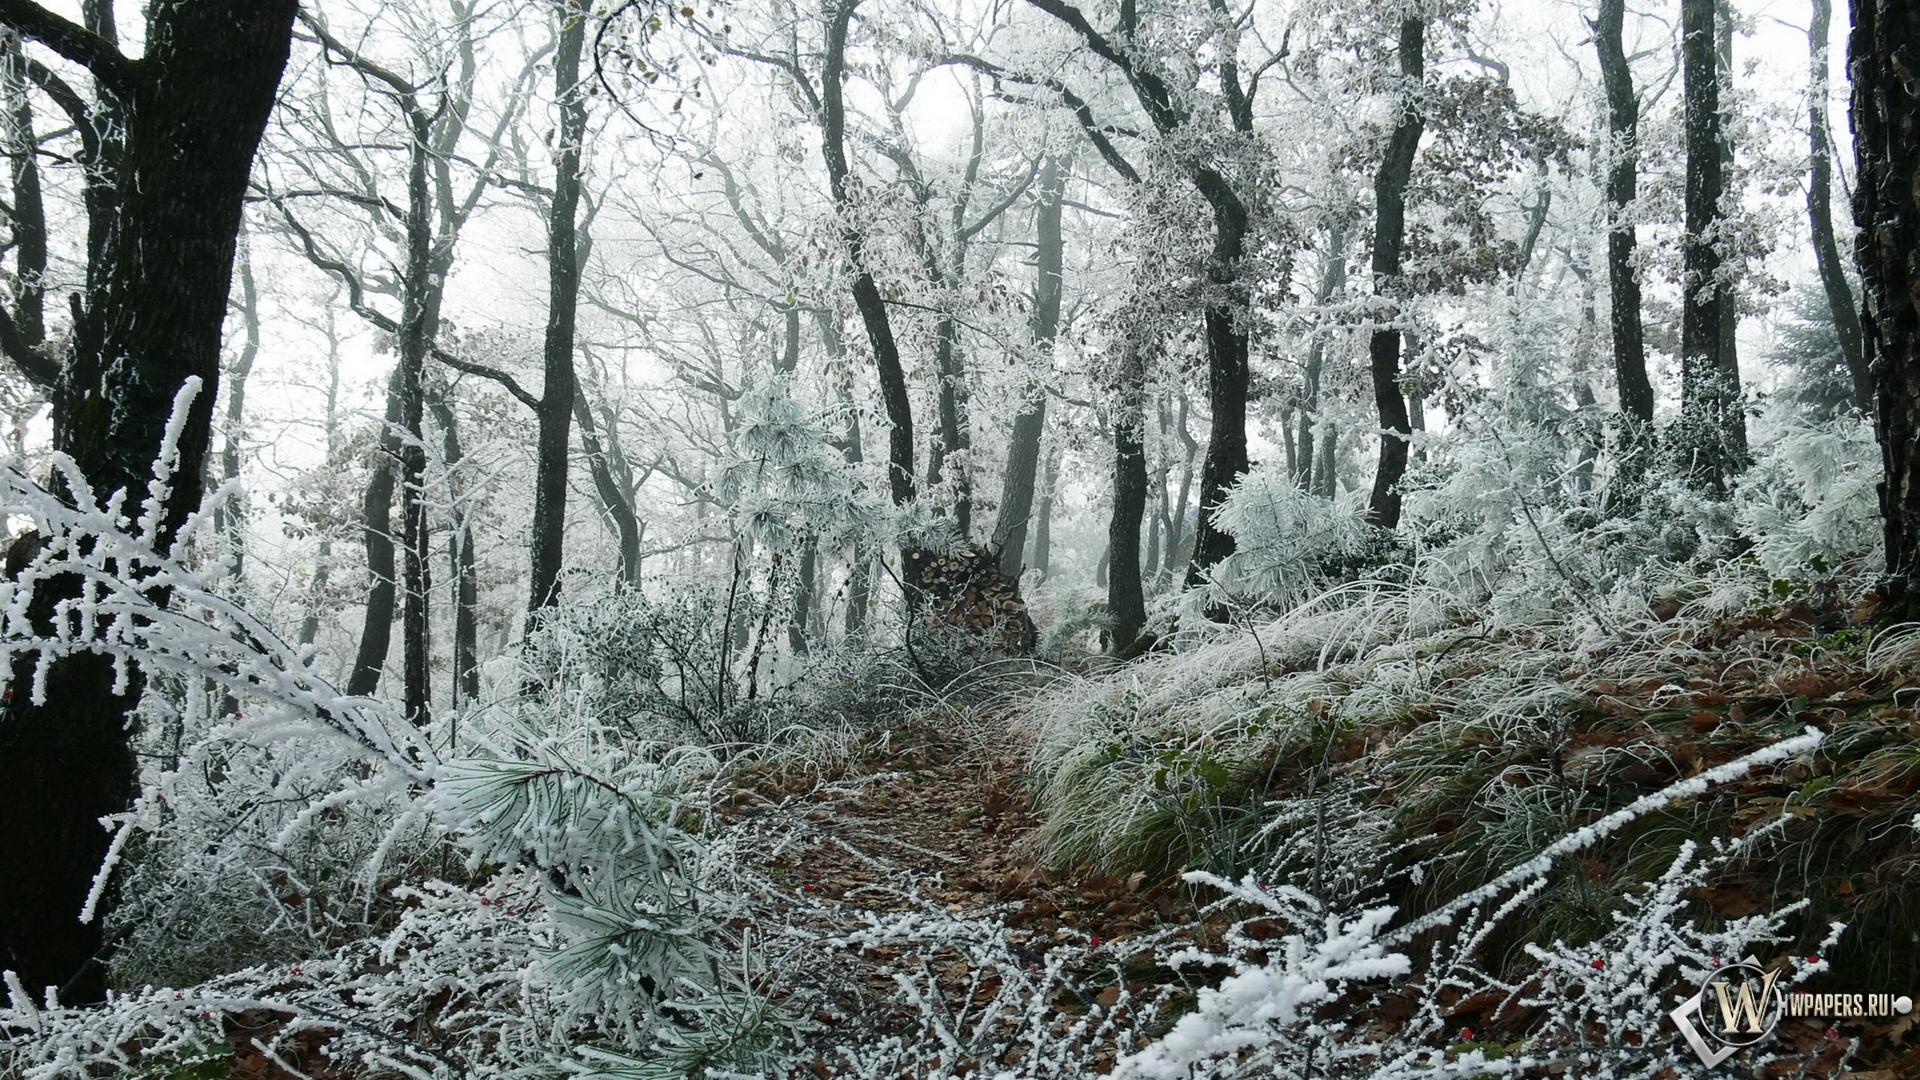 Первый снег 1920x1080